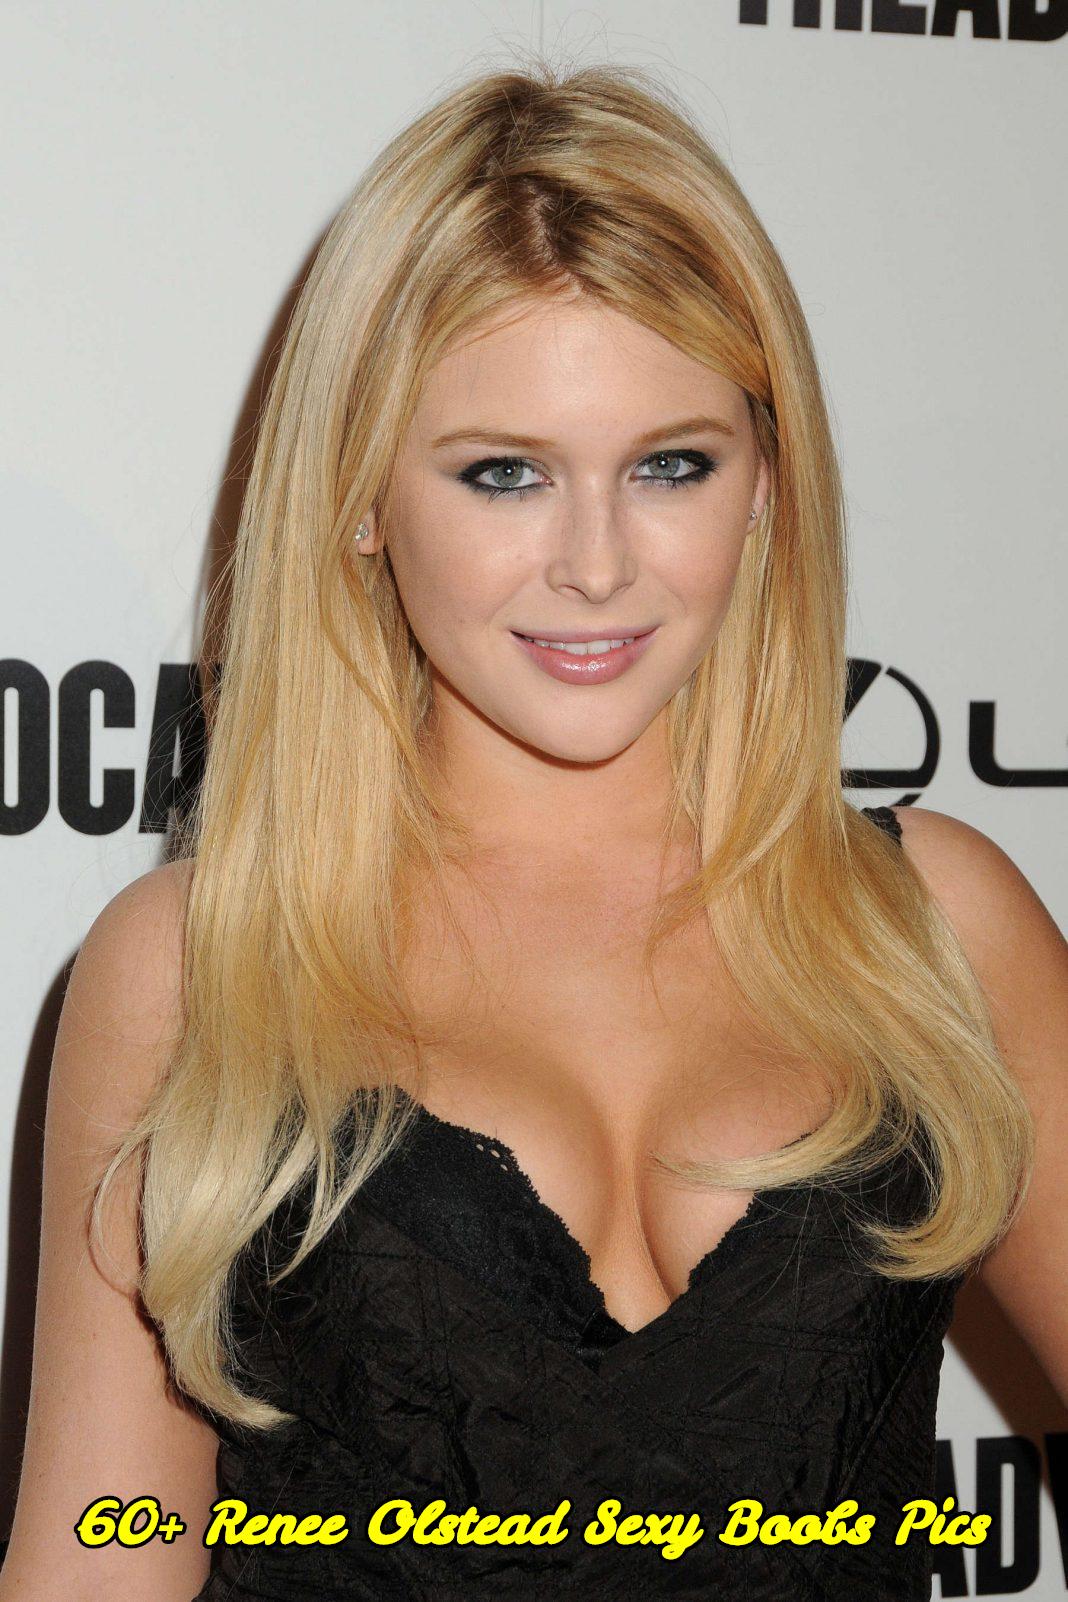 Renee Olstead sexy boobs pics